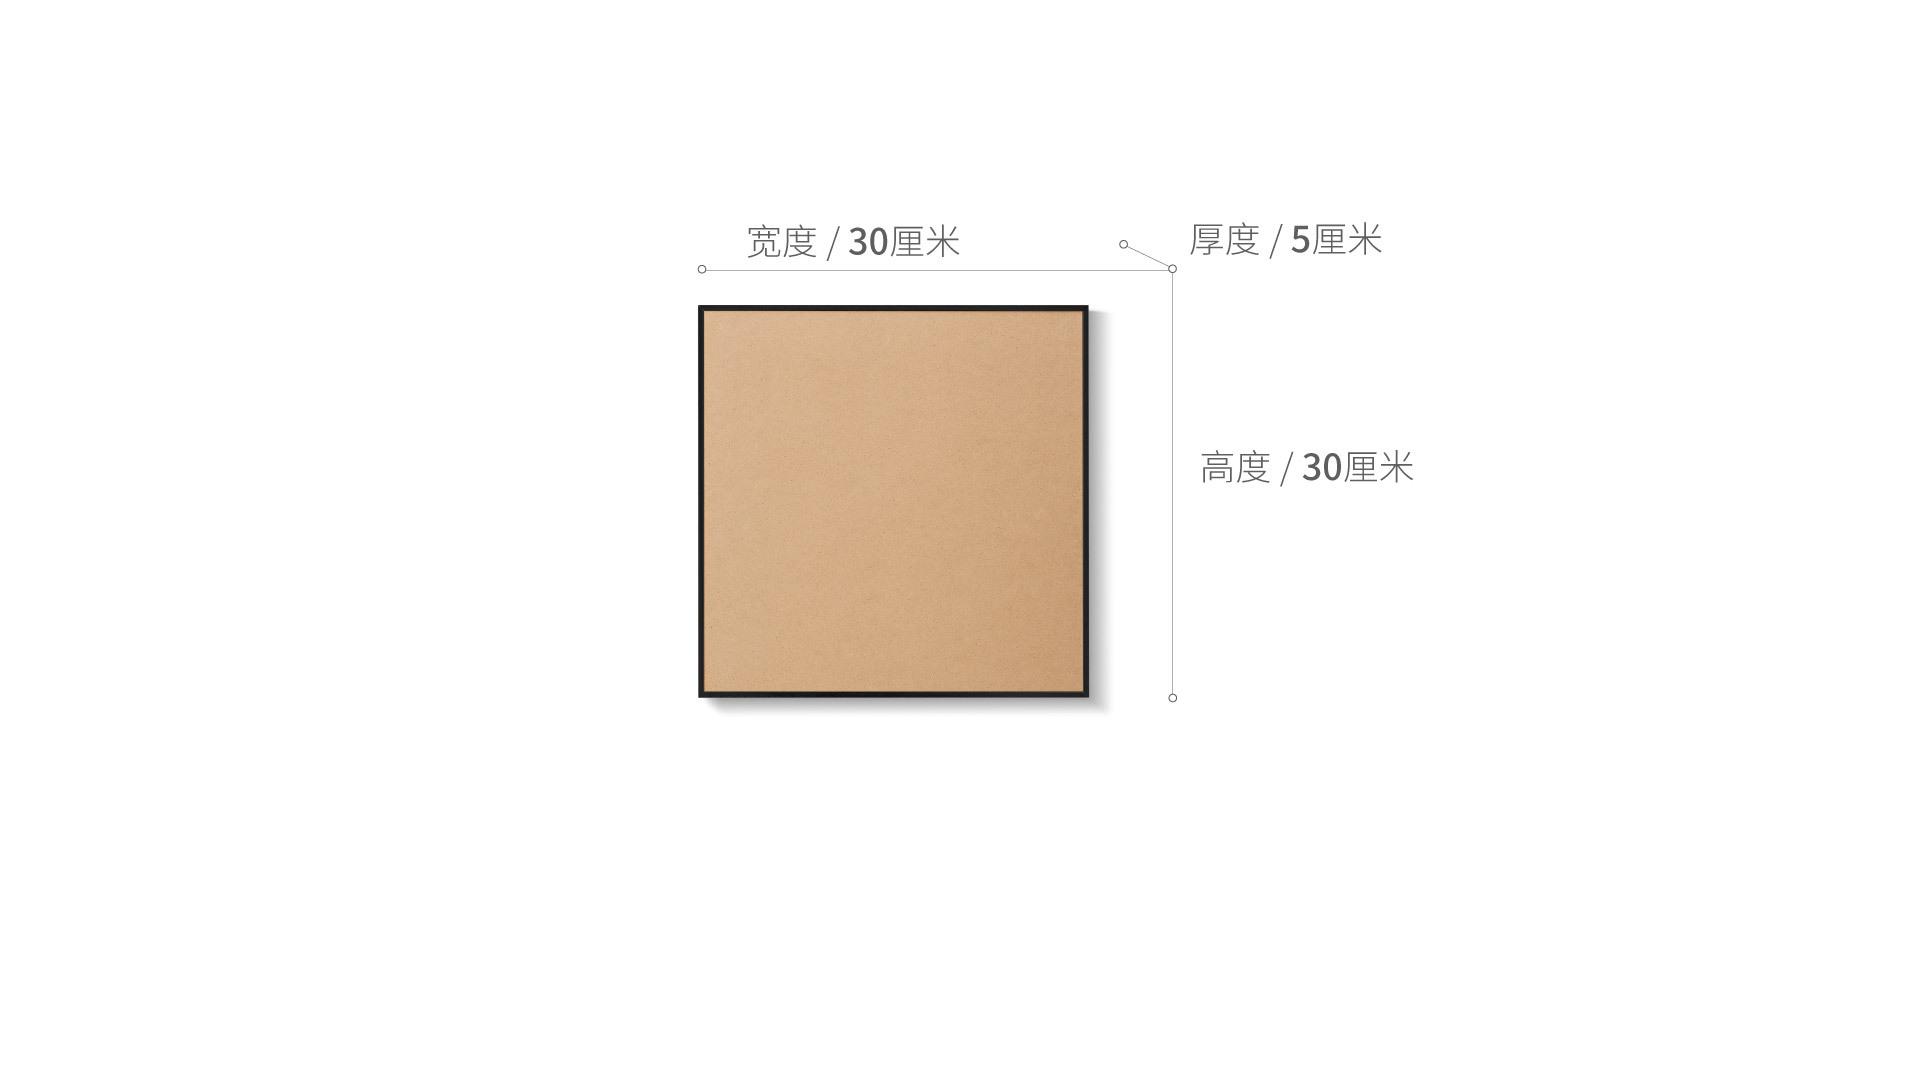 画格装饰画框30X30X5装饰效果图